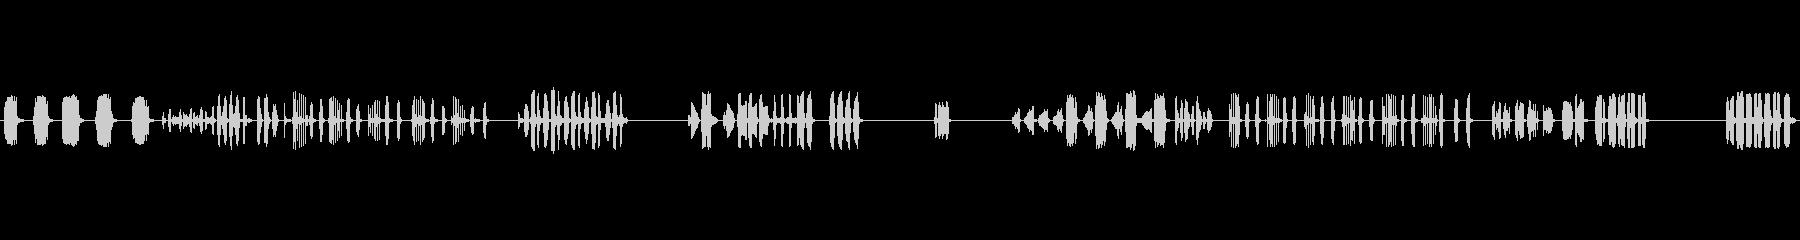 モッキンバードチャーピング、アニマ...の未再生の波形